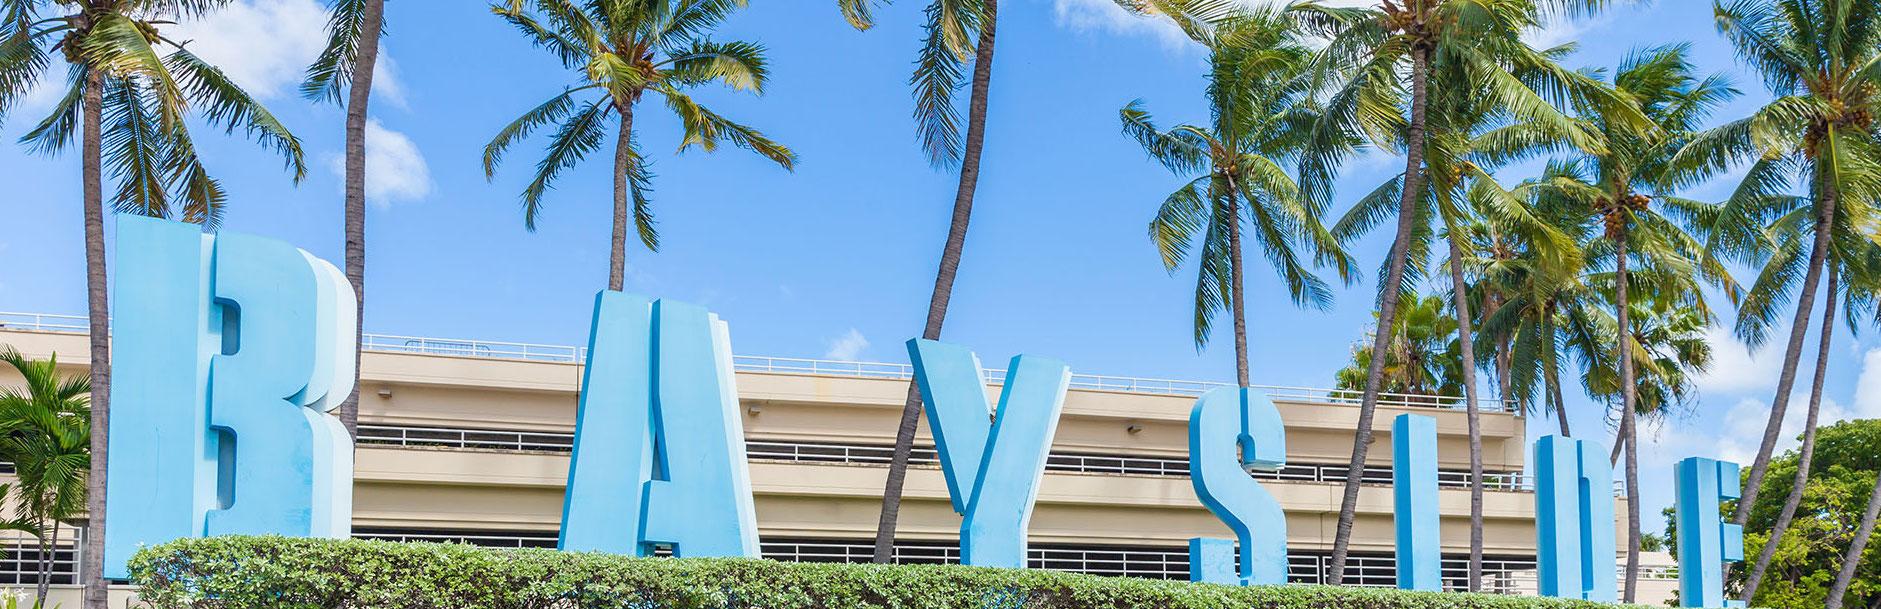 El Bayside Marketplace Miami Un Imprescindible Del Downtown